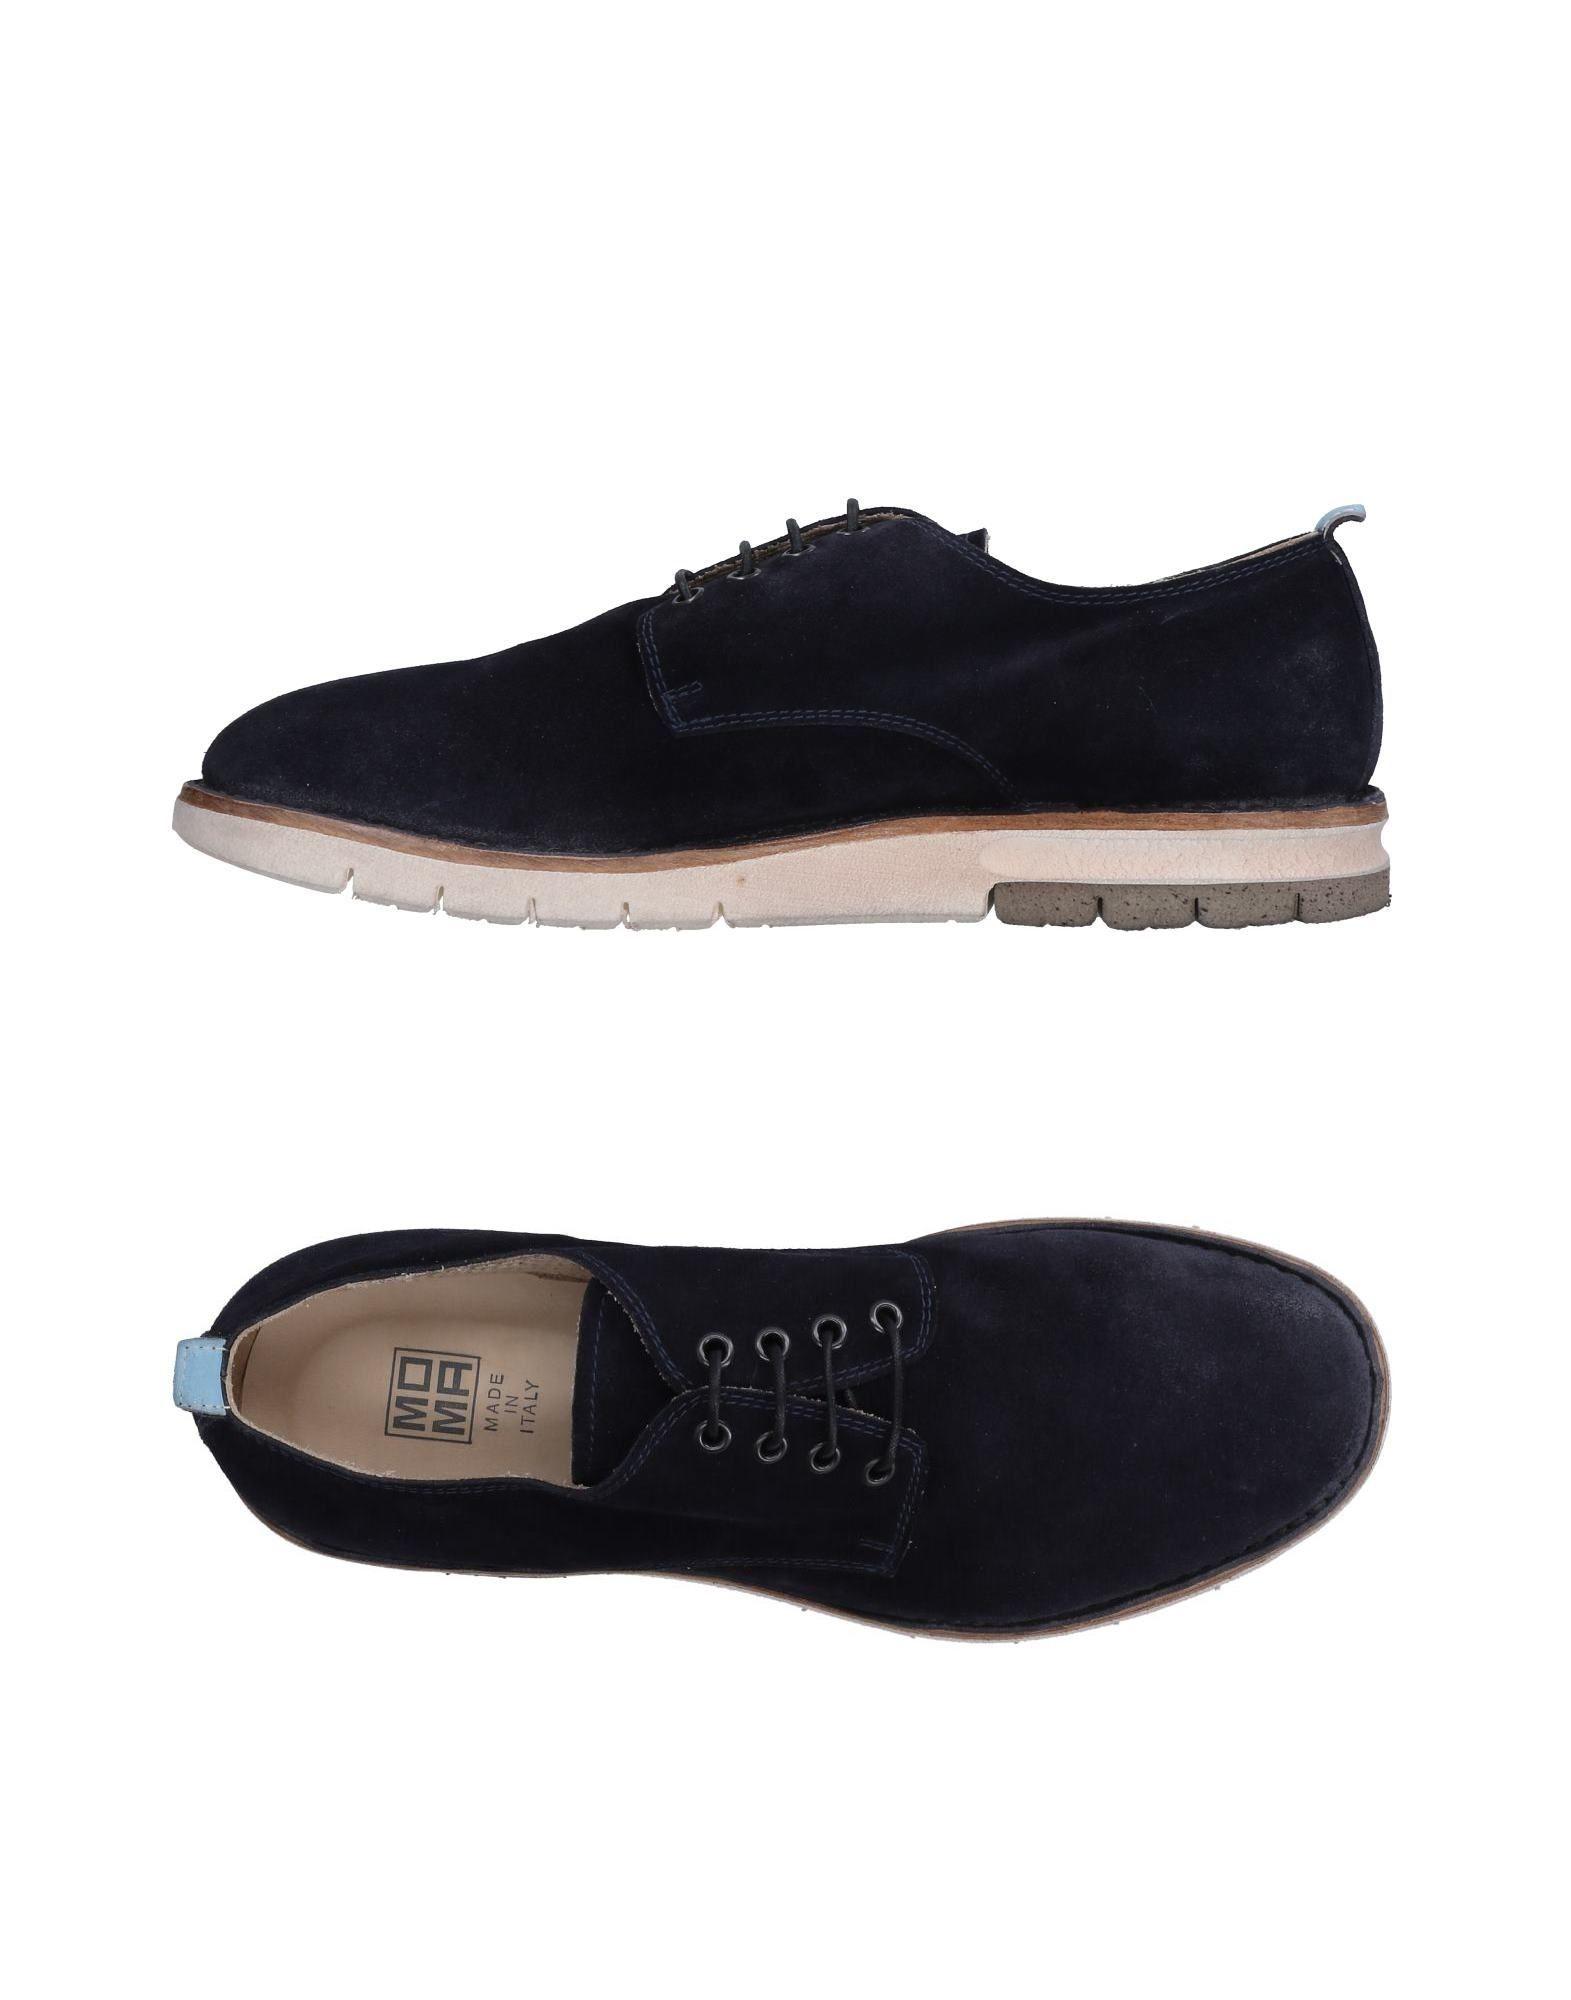 Descuento de la marca  De Zapato De  Cordones Moma Hombre - Zapatos De Cordones Moma c9897d